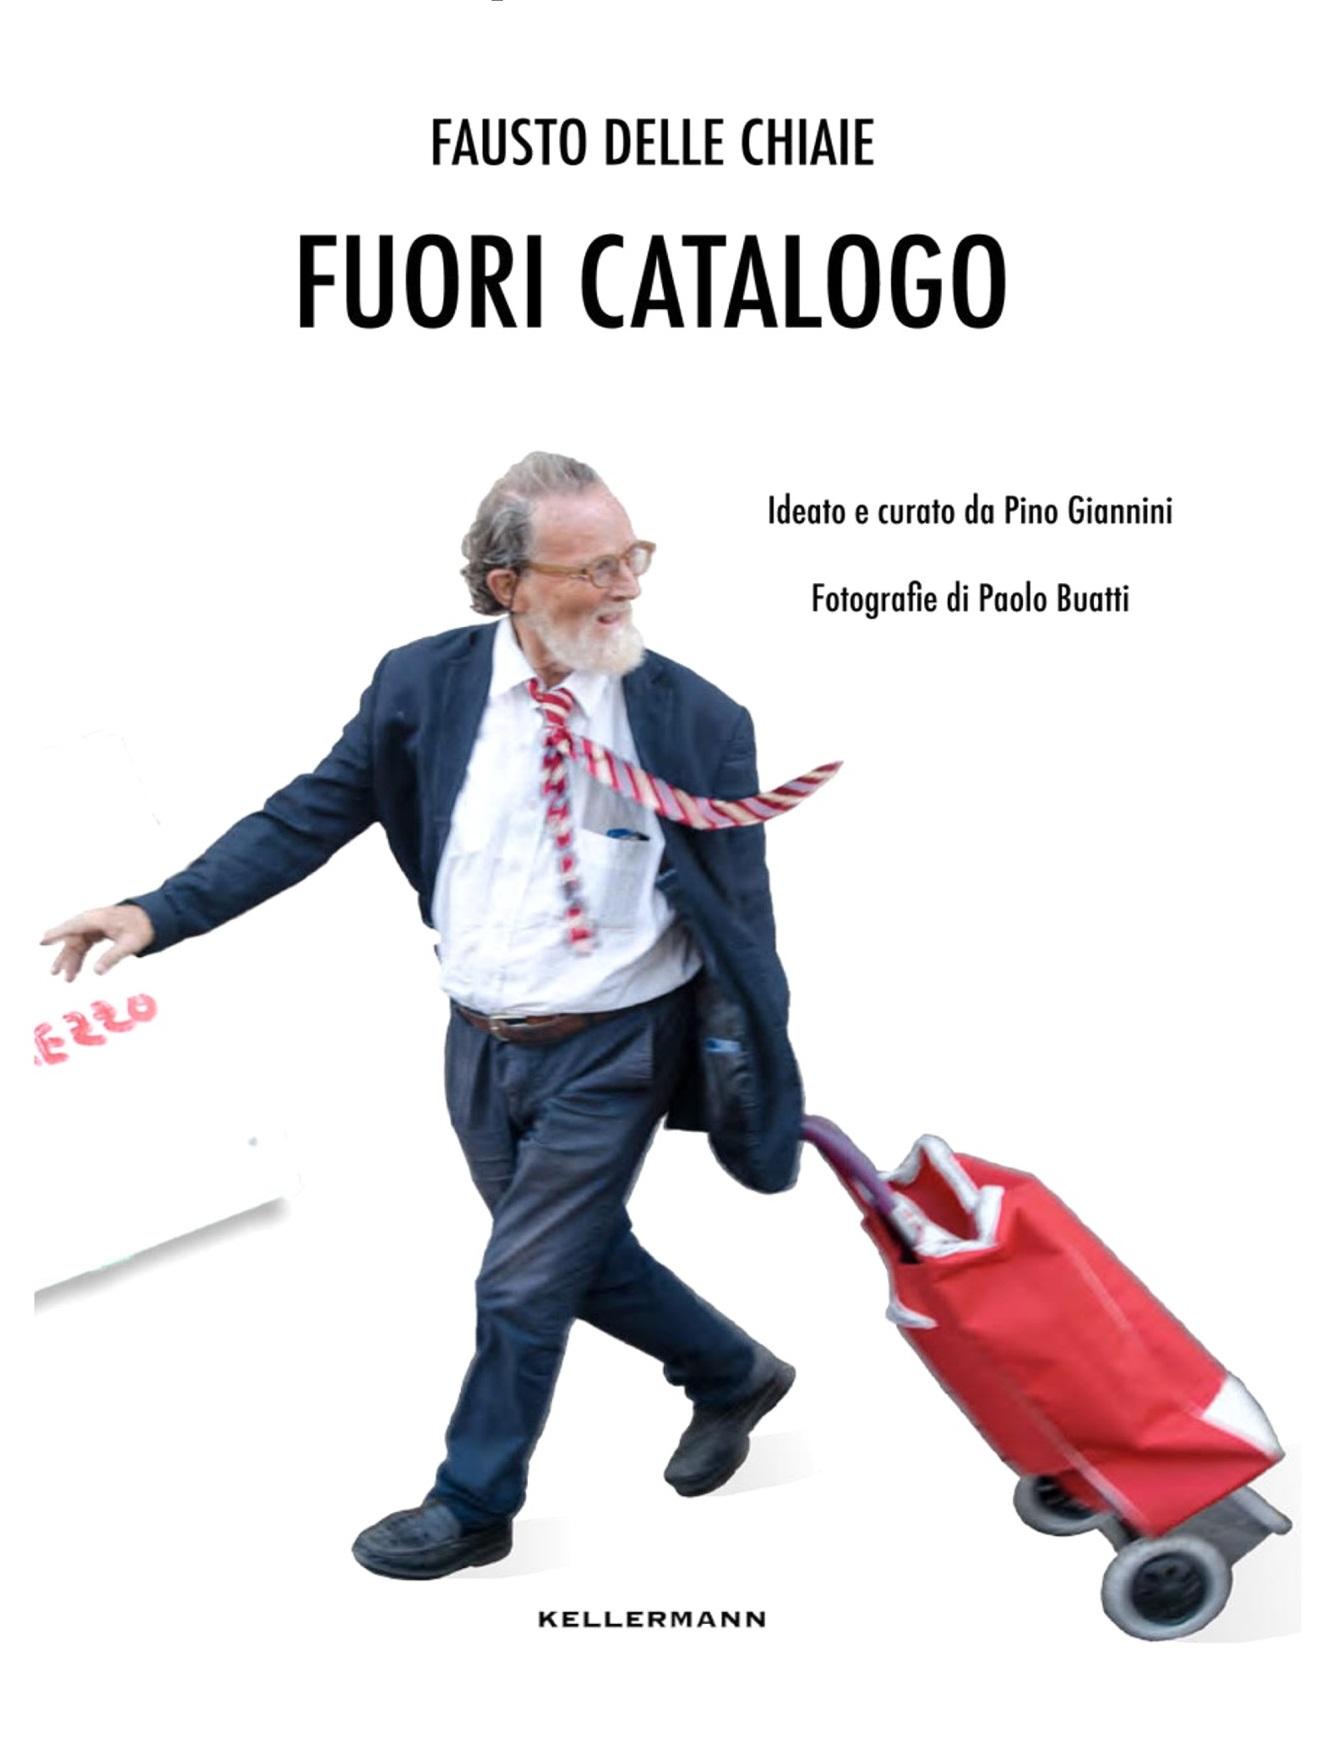 Oltrelirica Festival a Grottaglie ospita Fausto Delle Chiaie -  VentiperQuattro